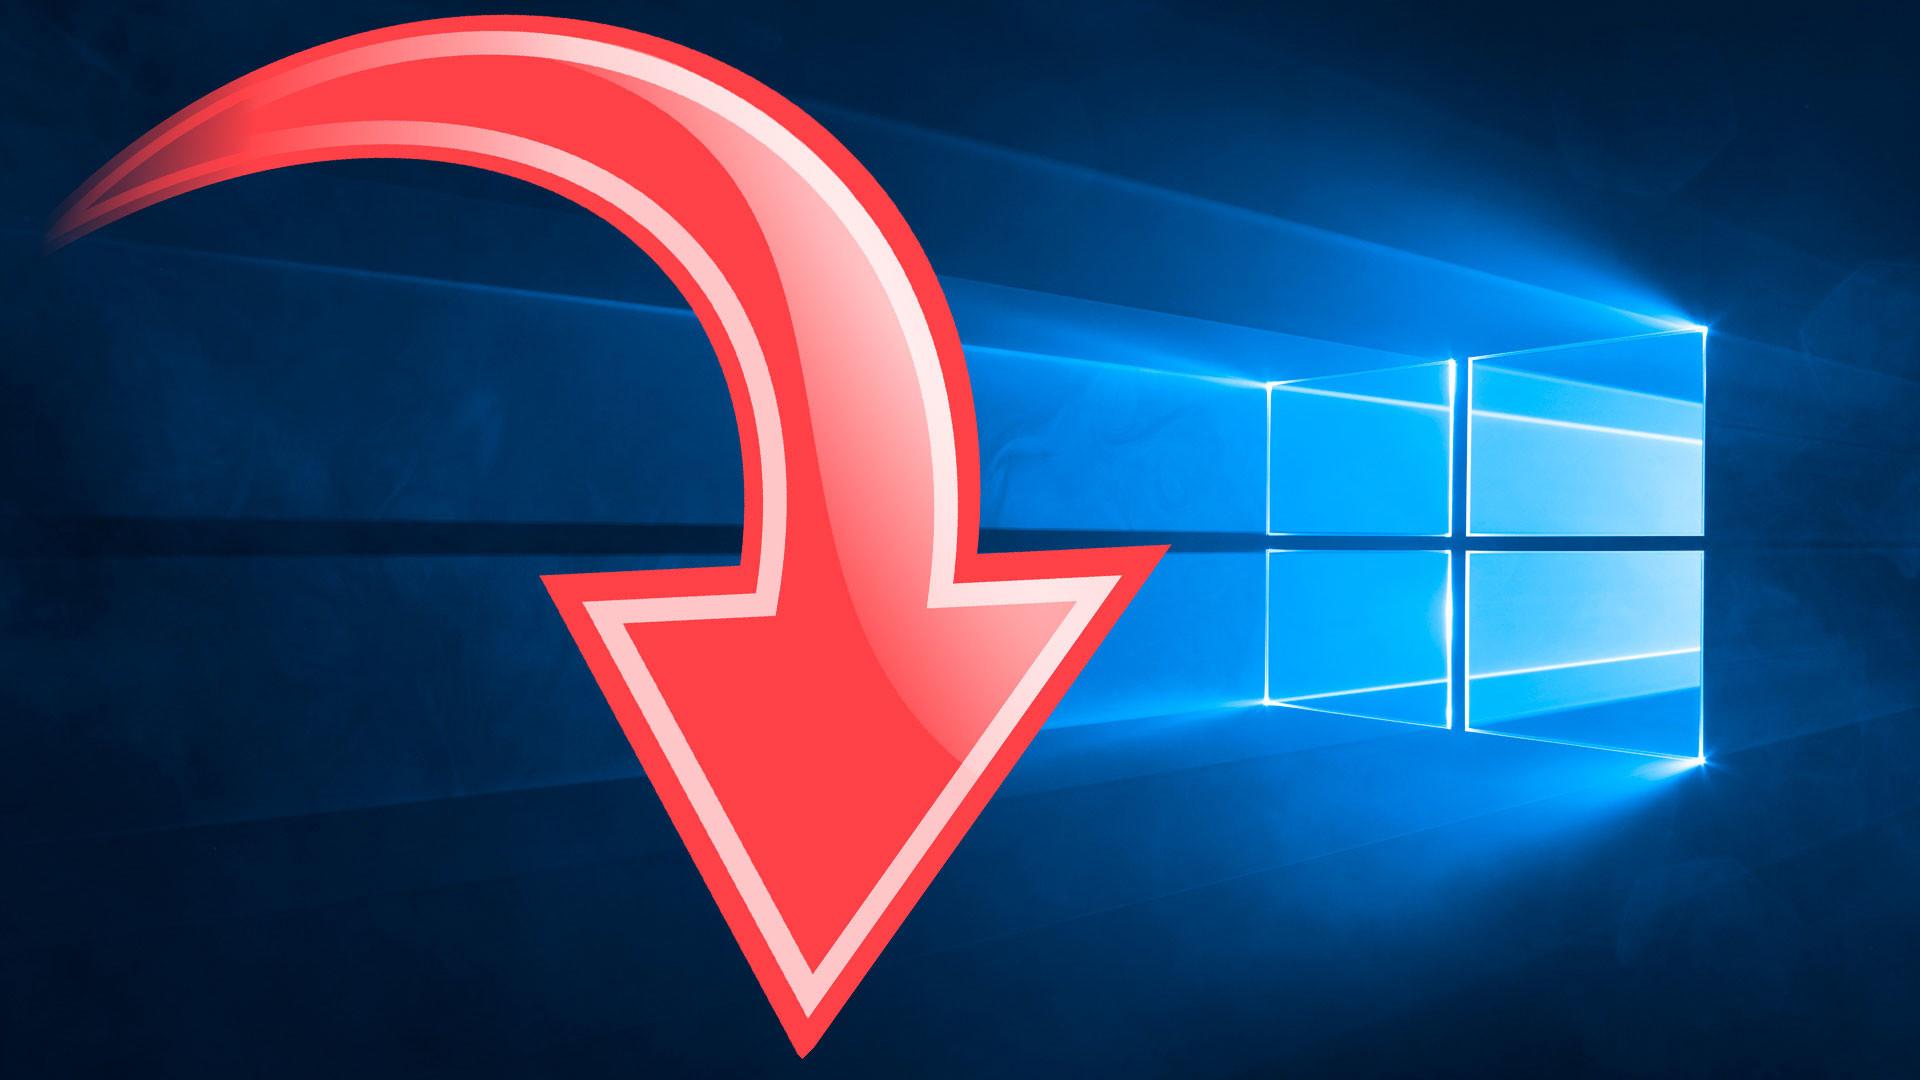 Res: 1920x1080, Schneller als Media Creation Tool: Simpler Downloader für Windows 10